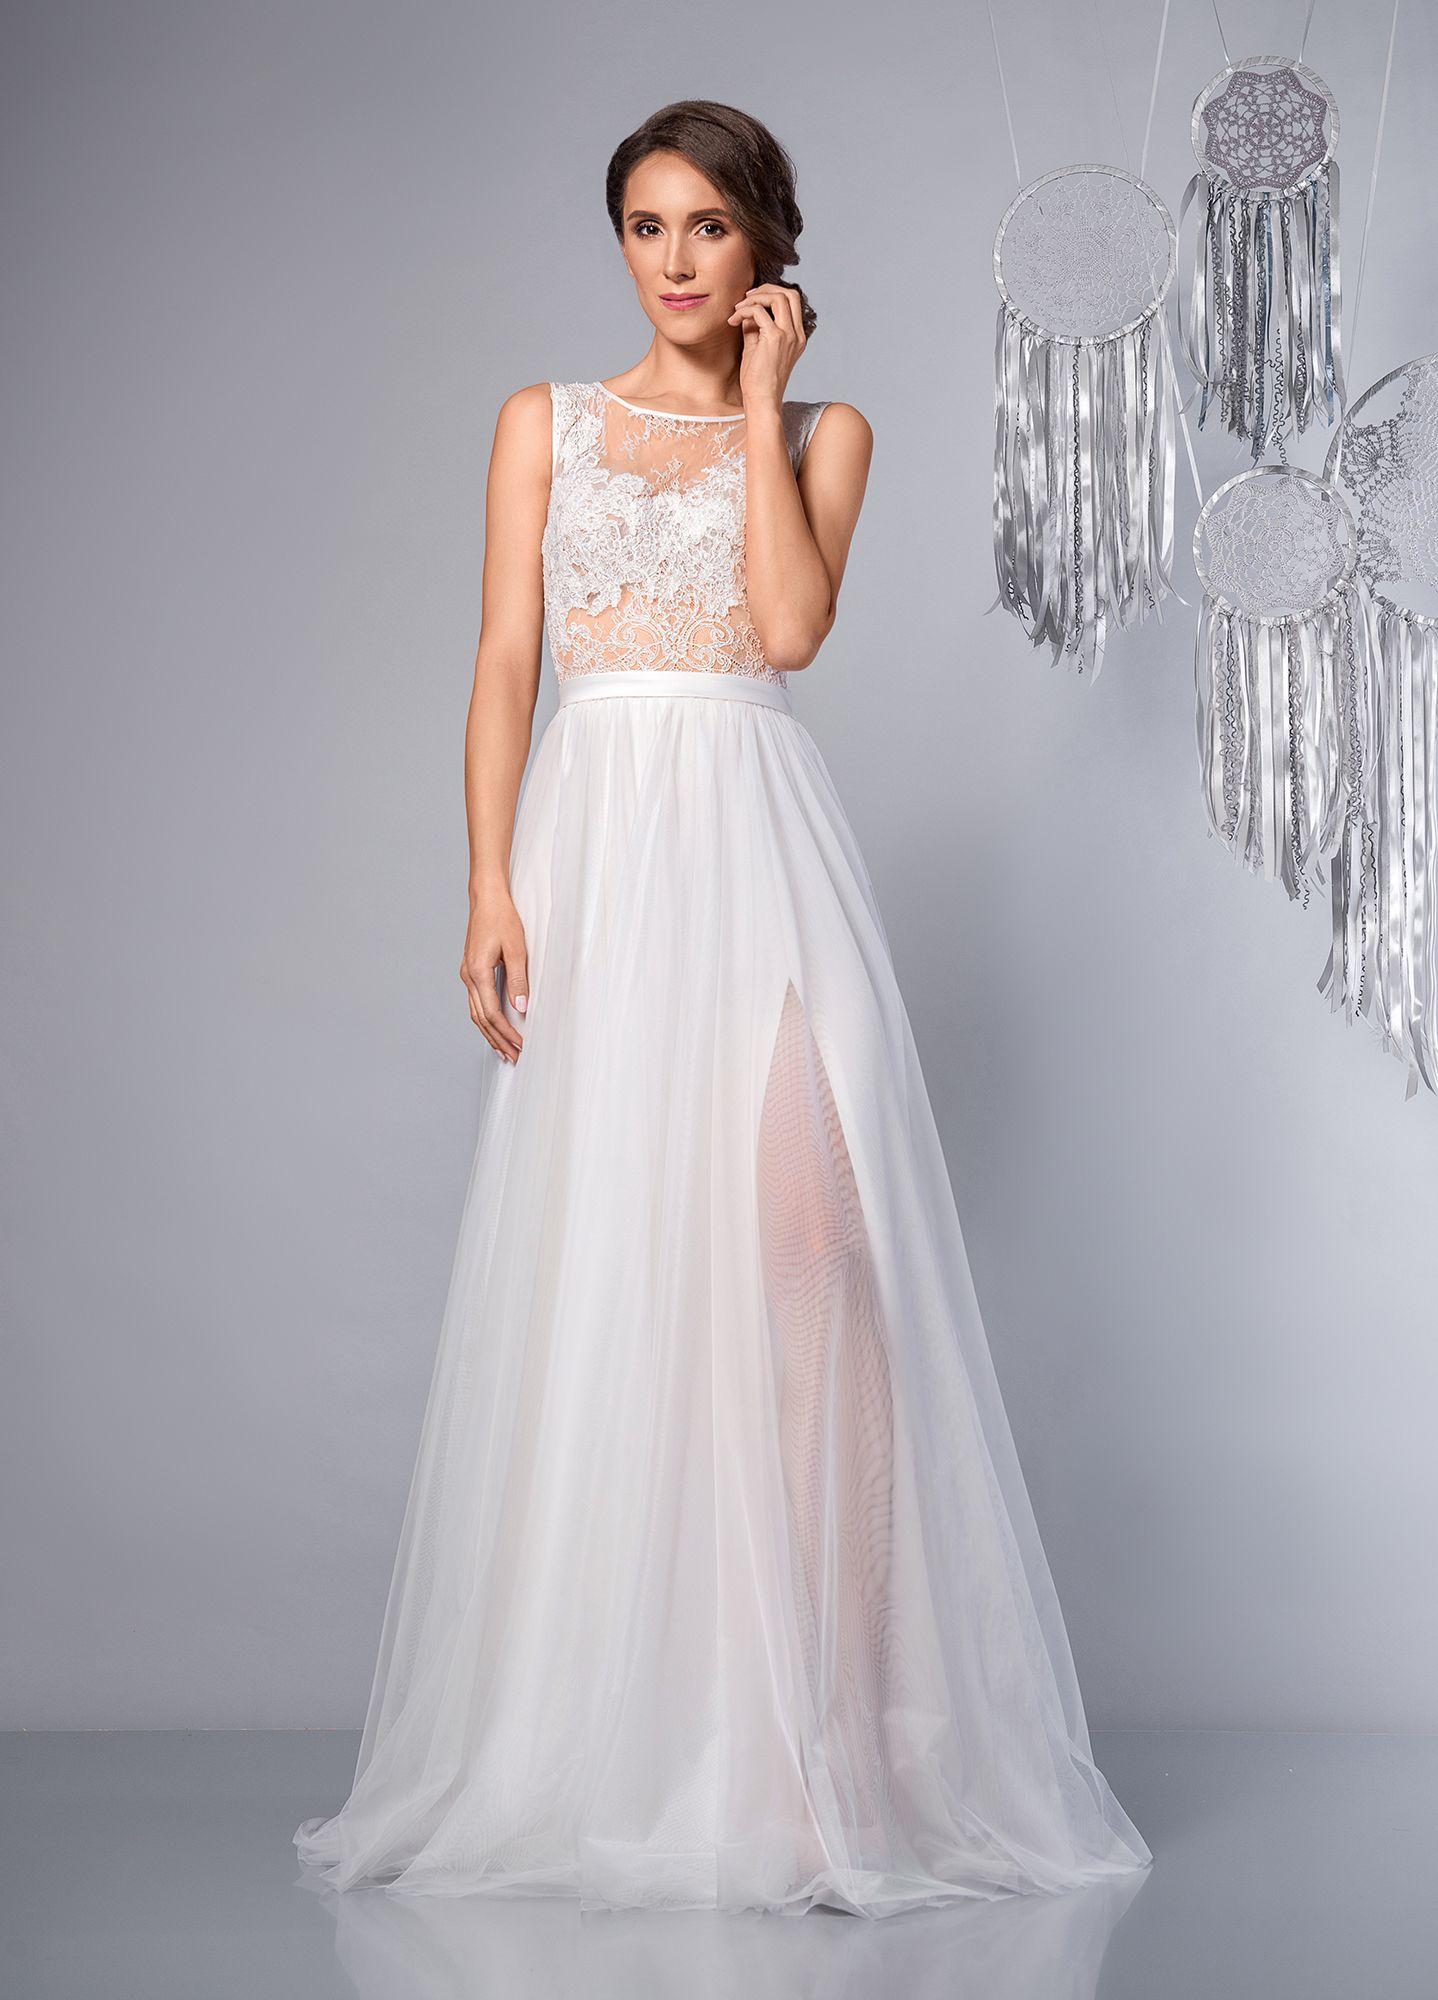 Dream Suknia ślubna Romantyczna Rustykalna Z Rozcięciem Rustic